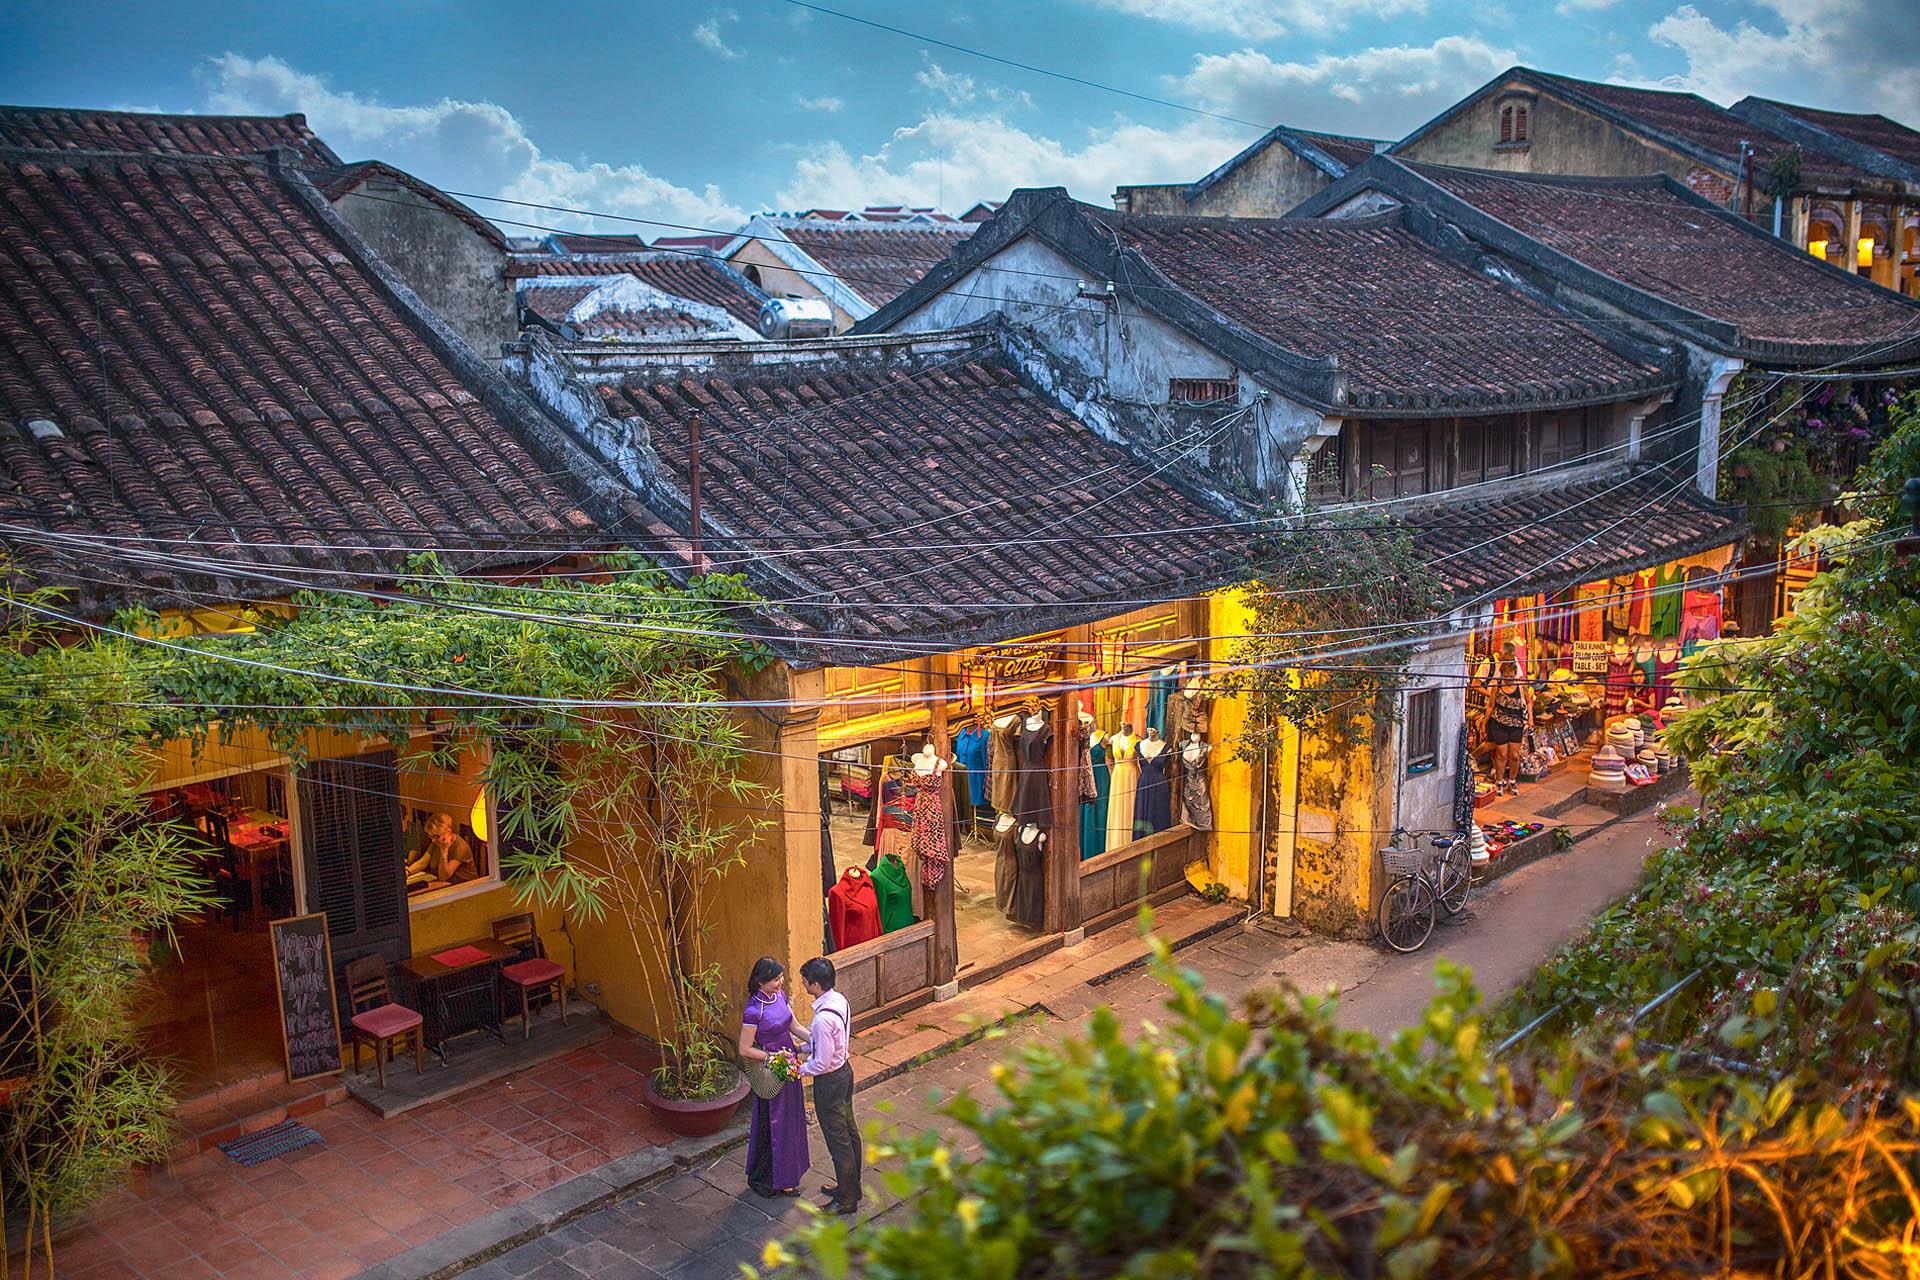 Hình ảnh khu phố cổ tại Hội An